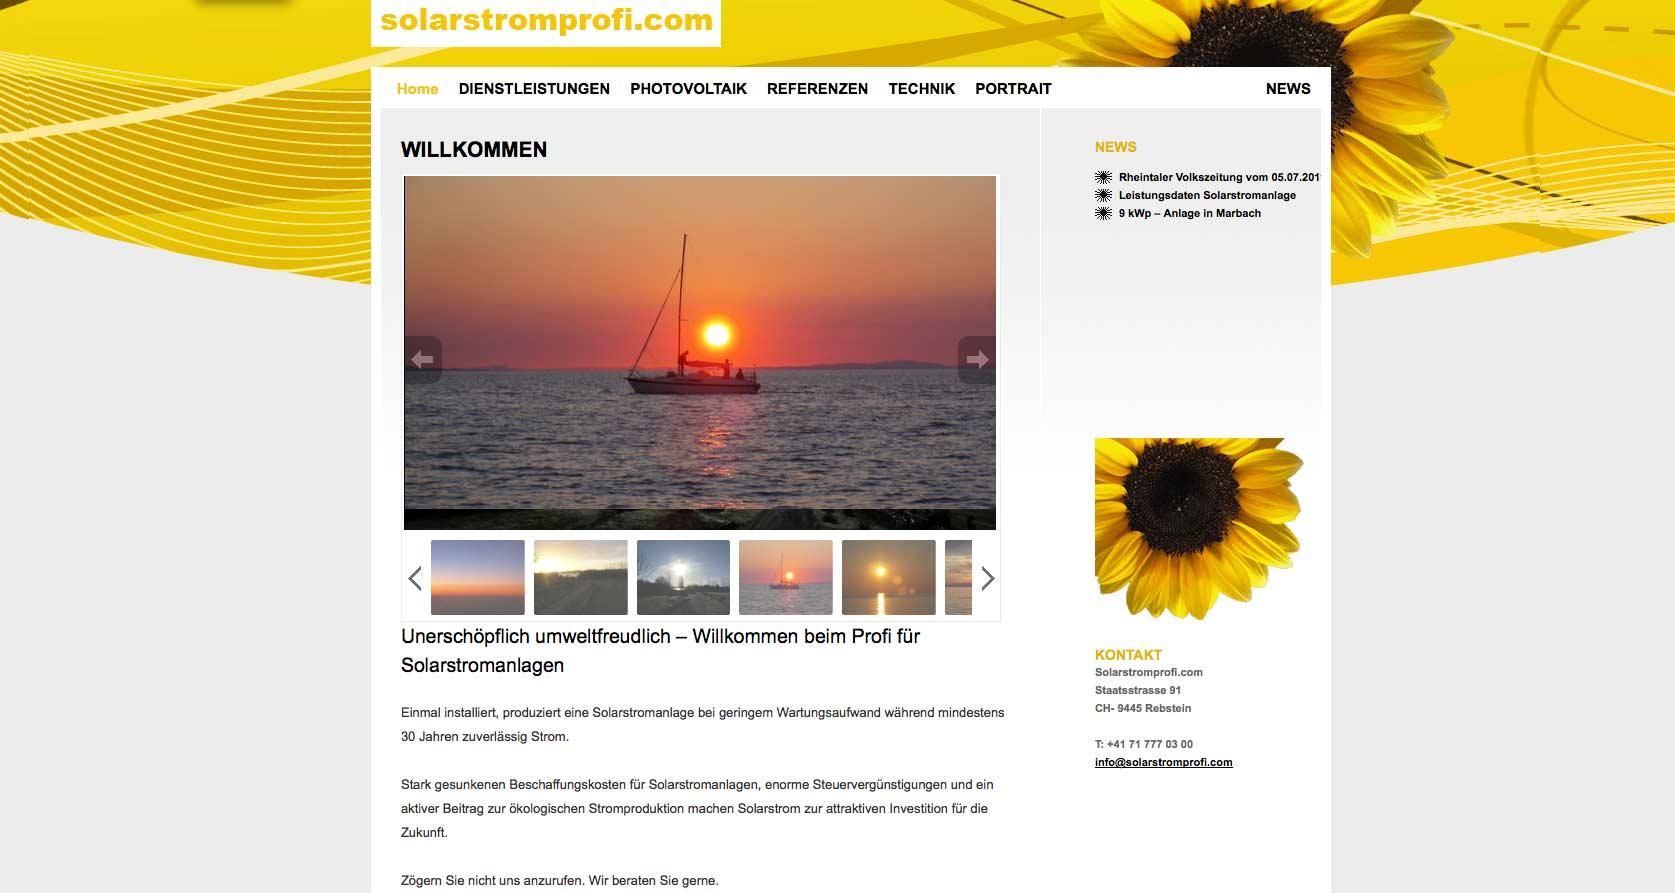 SOLARSTROMPROFI.COM